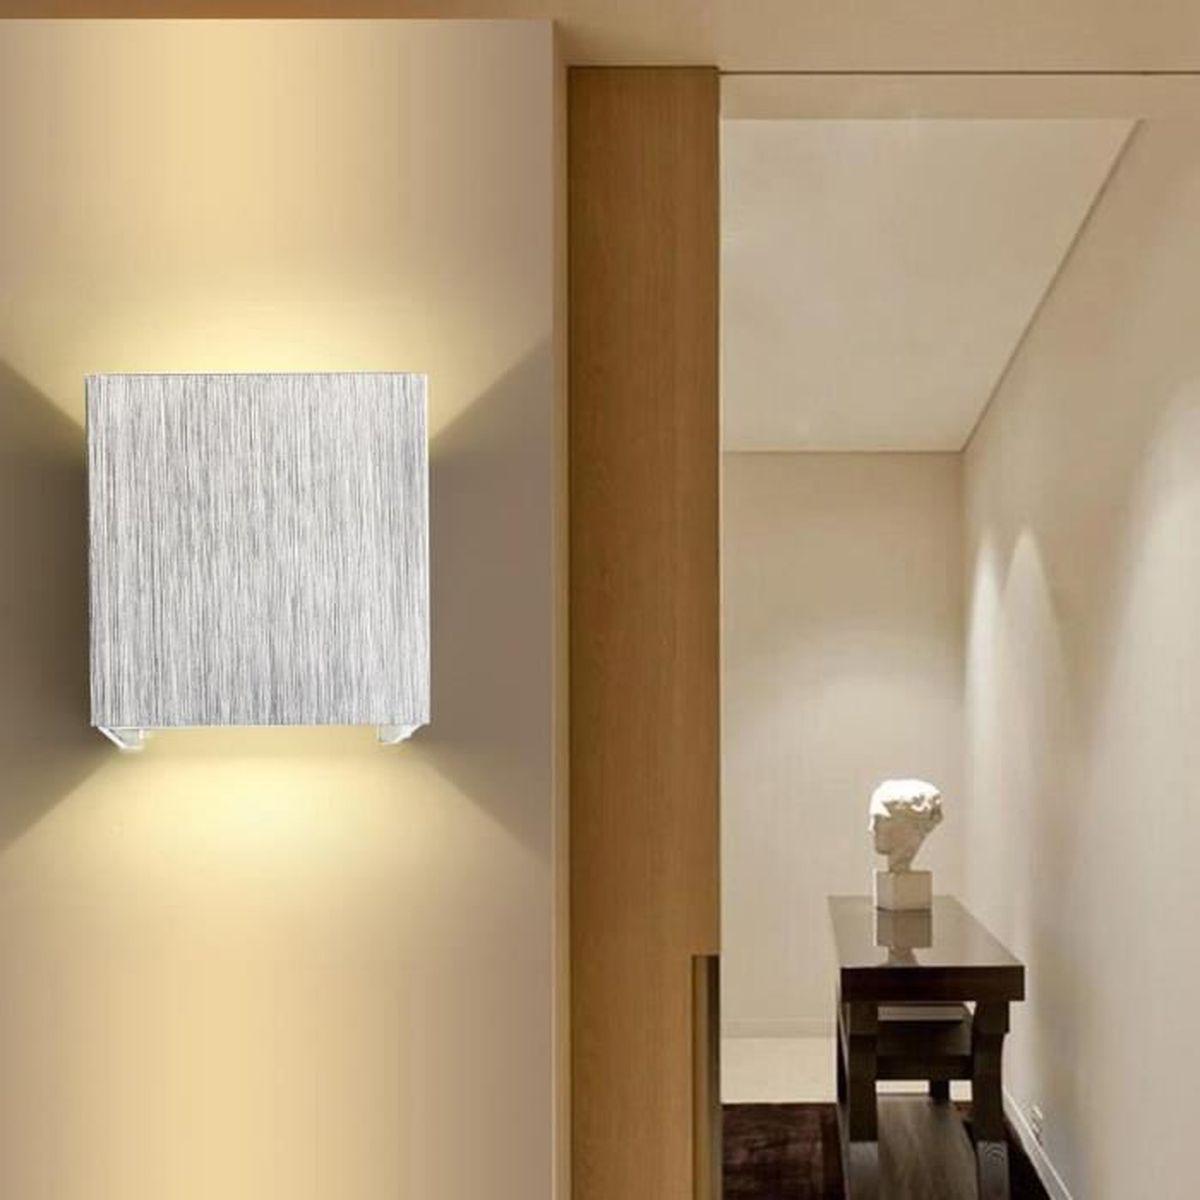 agptek applique murale 3w led lampe carrée murale pour chambre